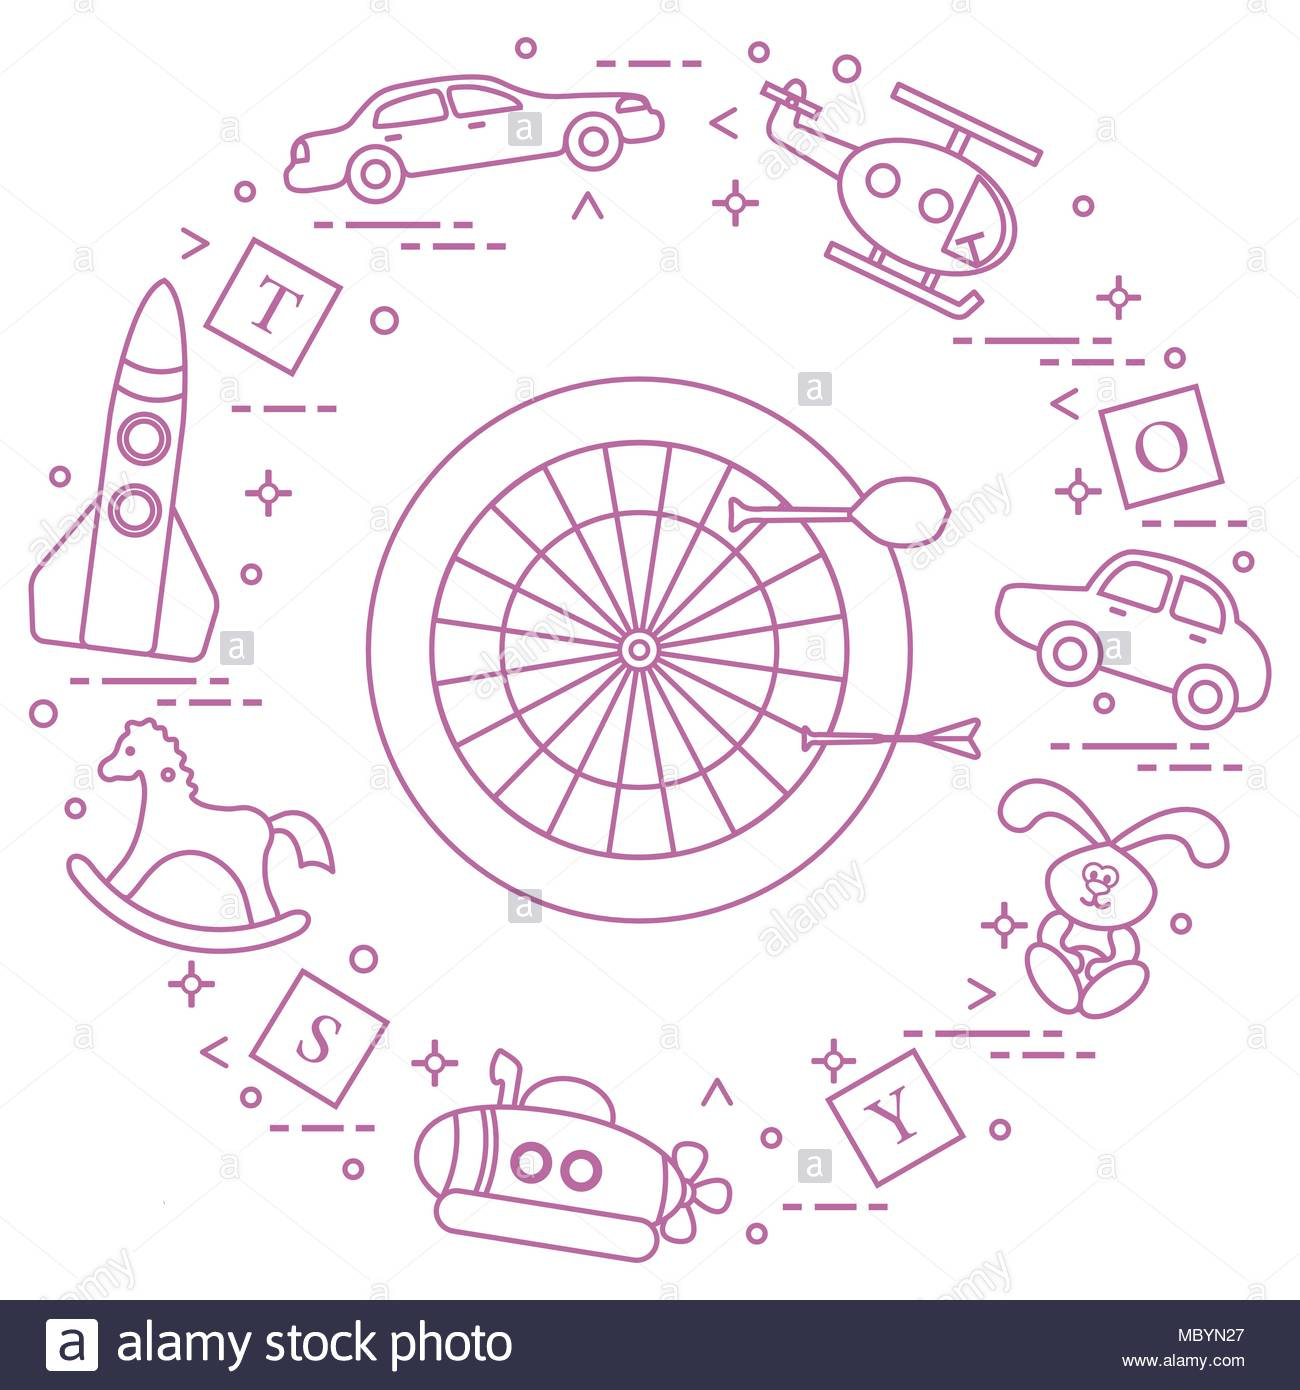 Jouets : Fléchettes, Hélicoptère, Pâtés, Lapin, Bathyscaphe encequiconcerne Fusée À Imprimer